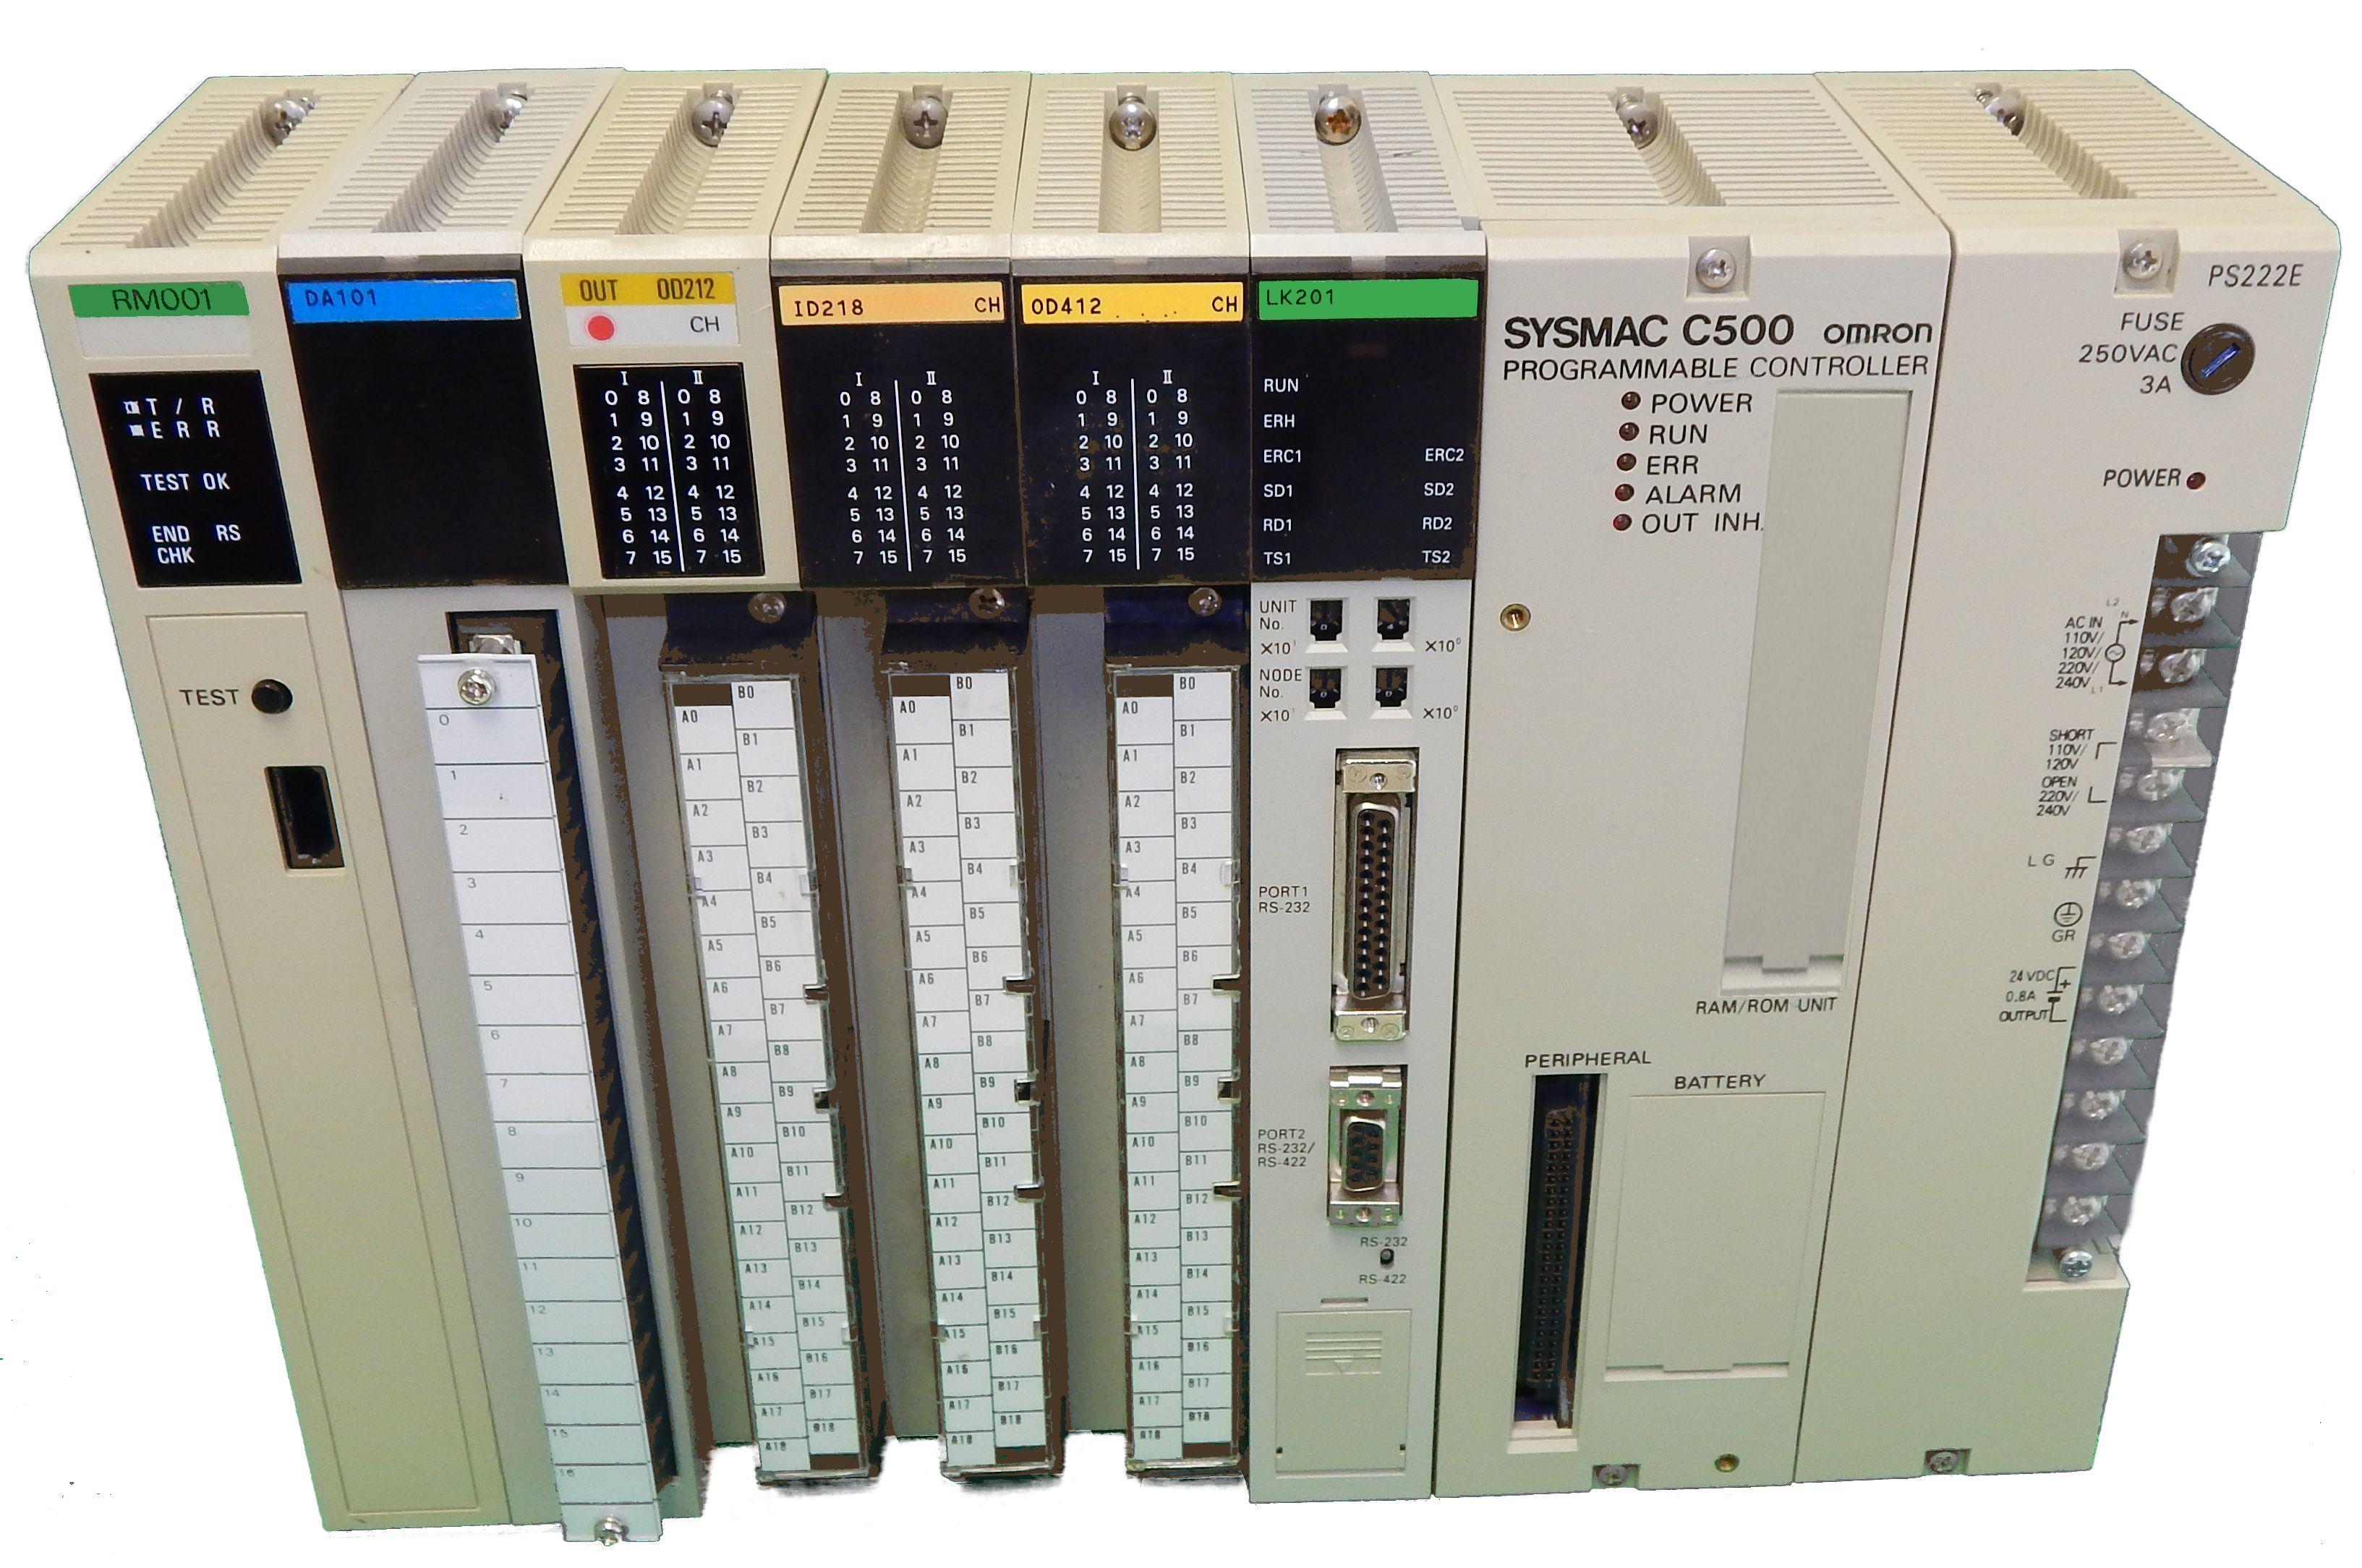 3G2A5-MGC01